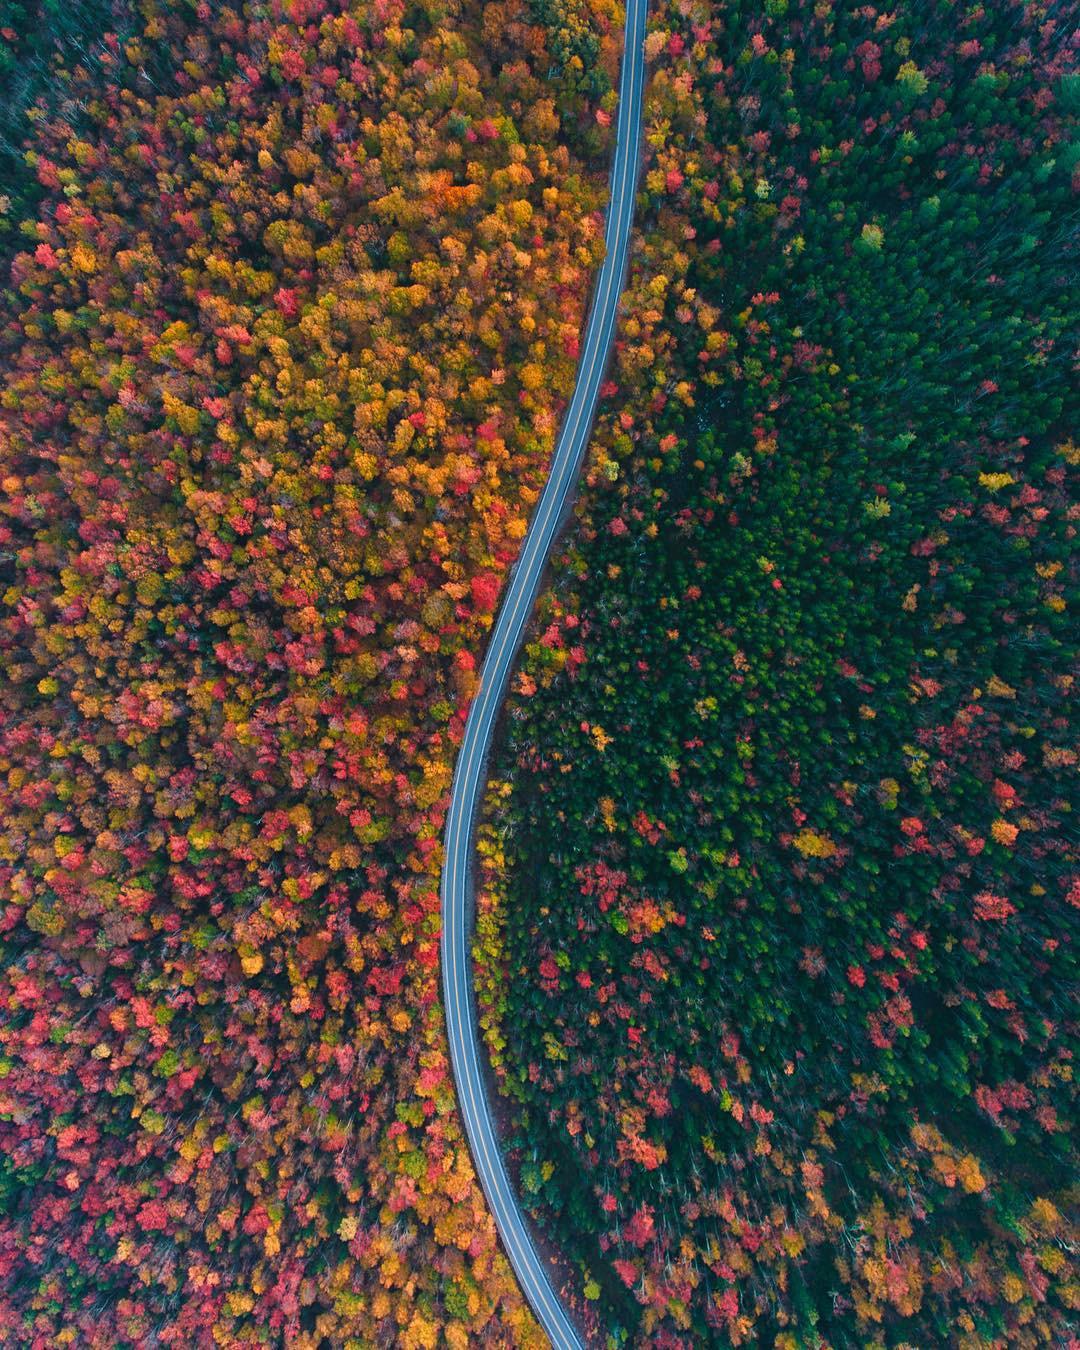 Ngắm phong cảnh đẹp đến ngoạn mục của những khu rừng vào mùa thu - Ảnh 3.